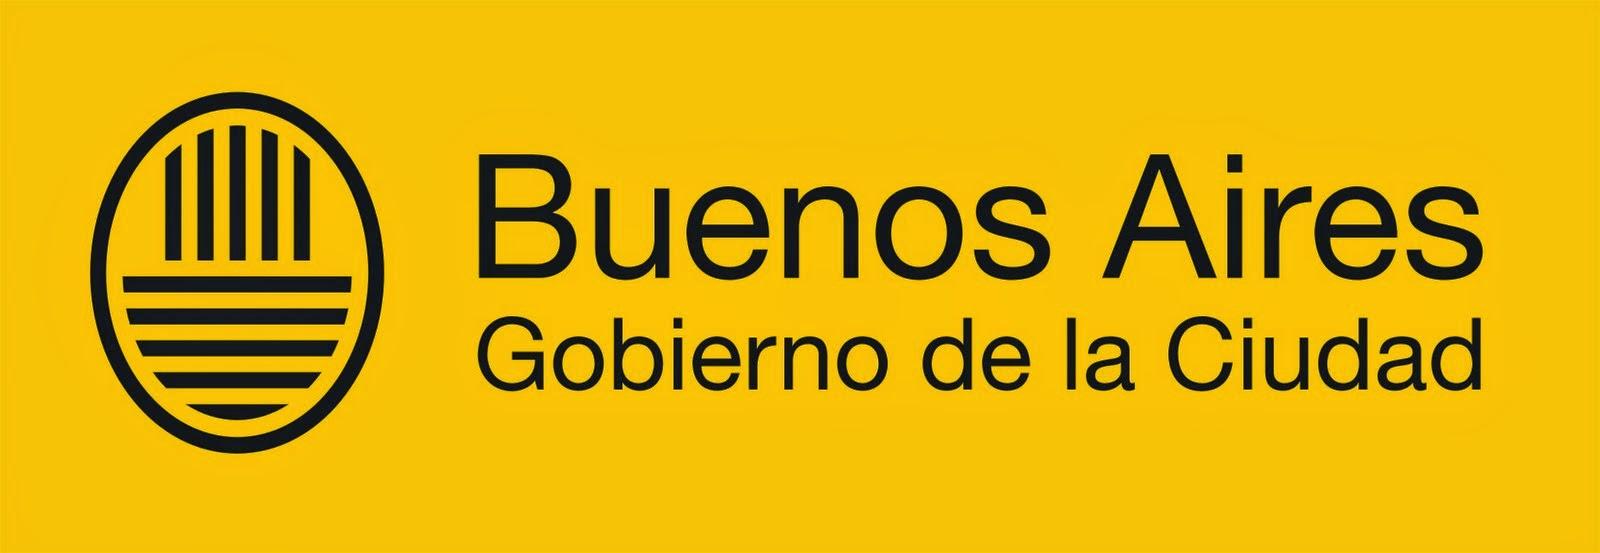 Consulta Multas y pagos por Infracciones de tránsito a nivel Nacional Online, Argentina, Provincias, Buenos Aires